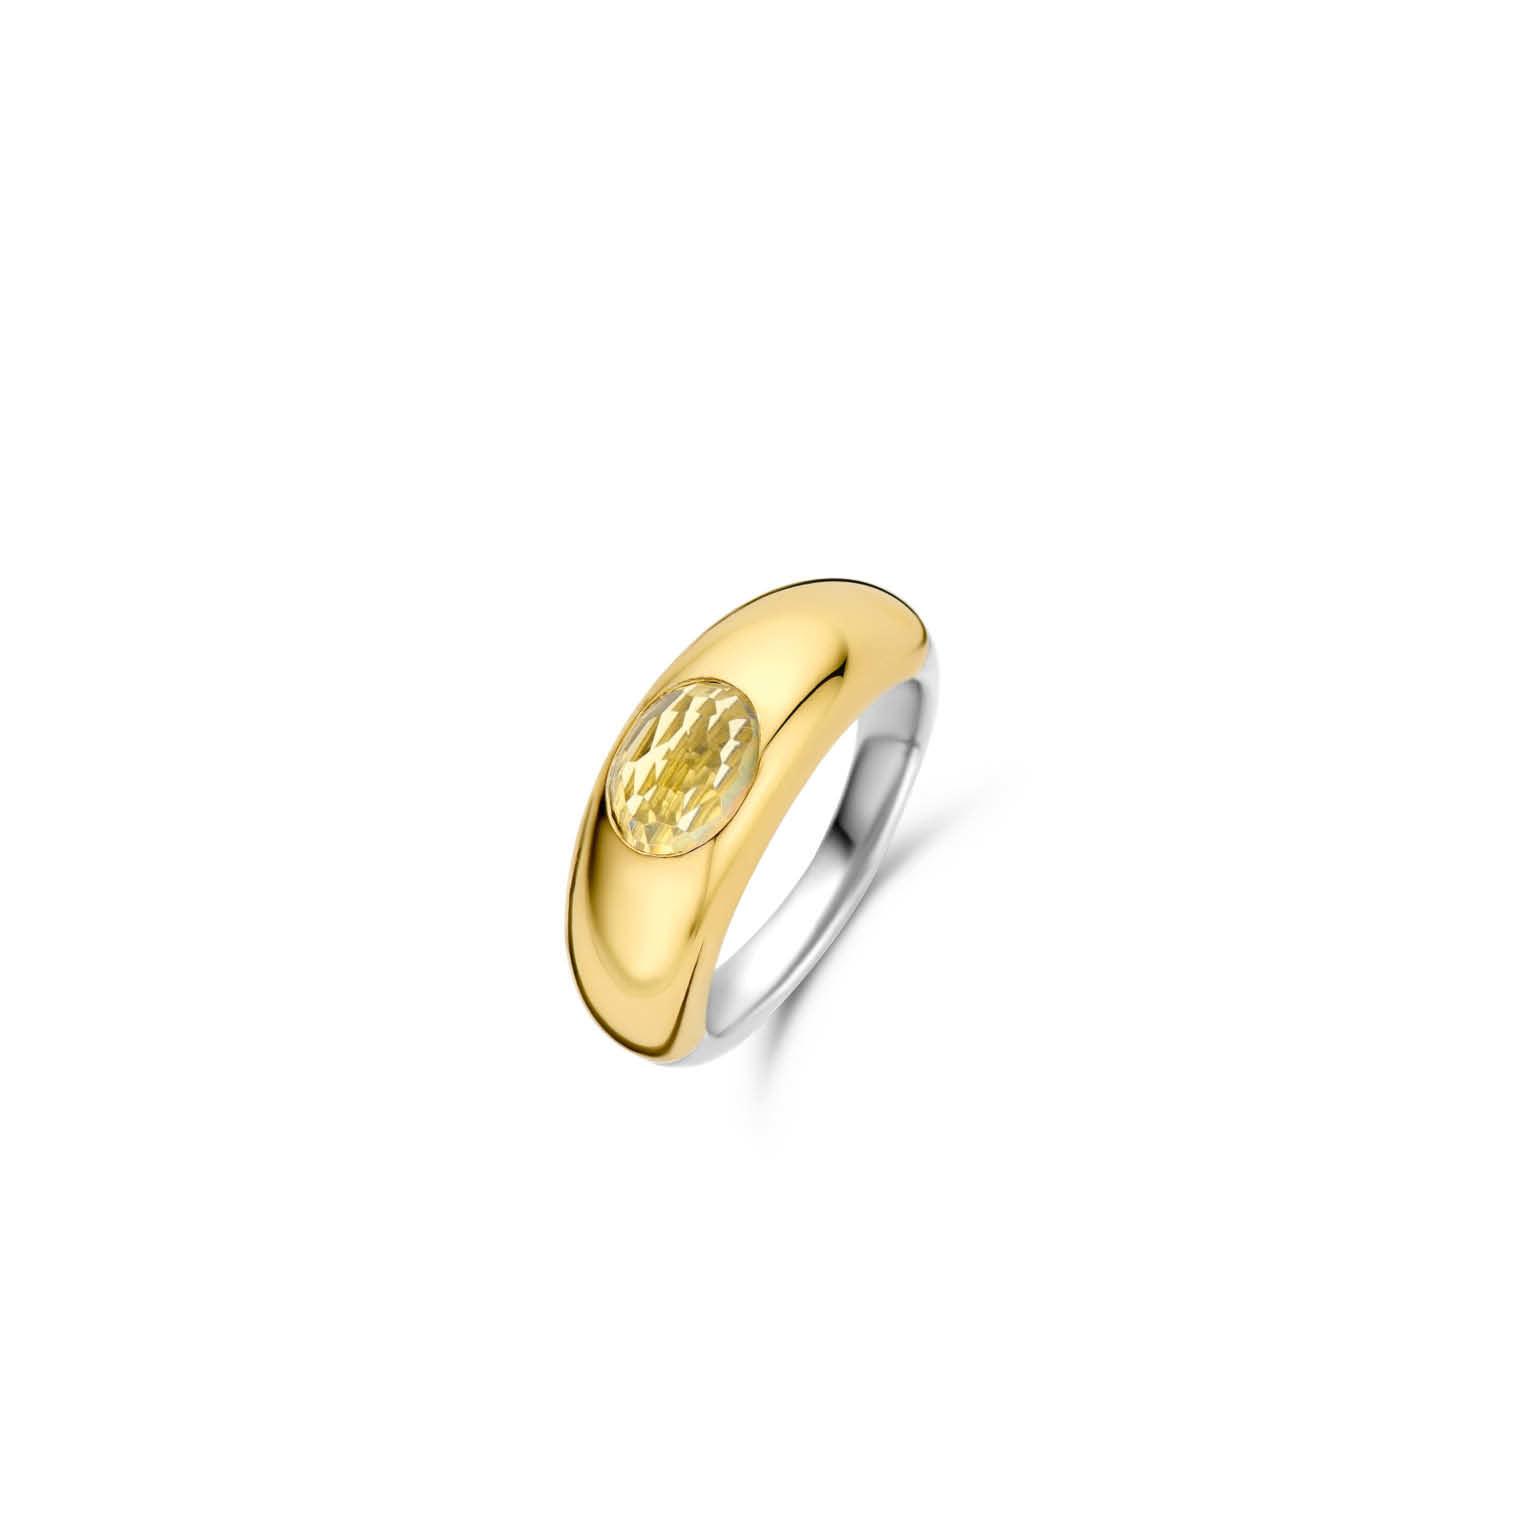 TI SENTO - Milano Ring 12173TY-5